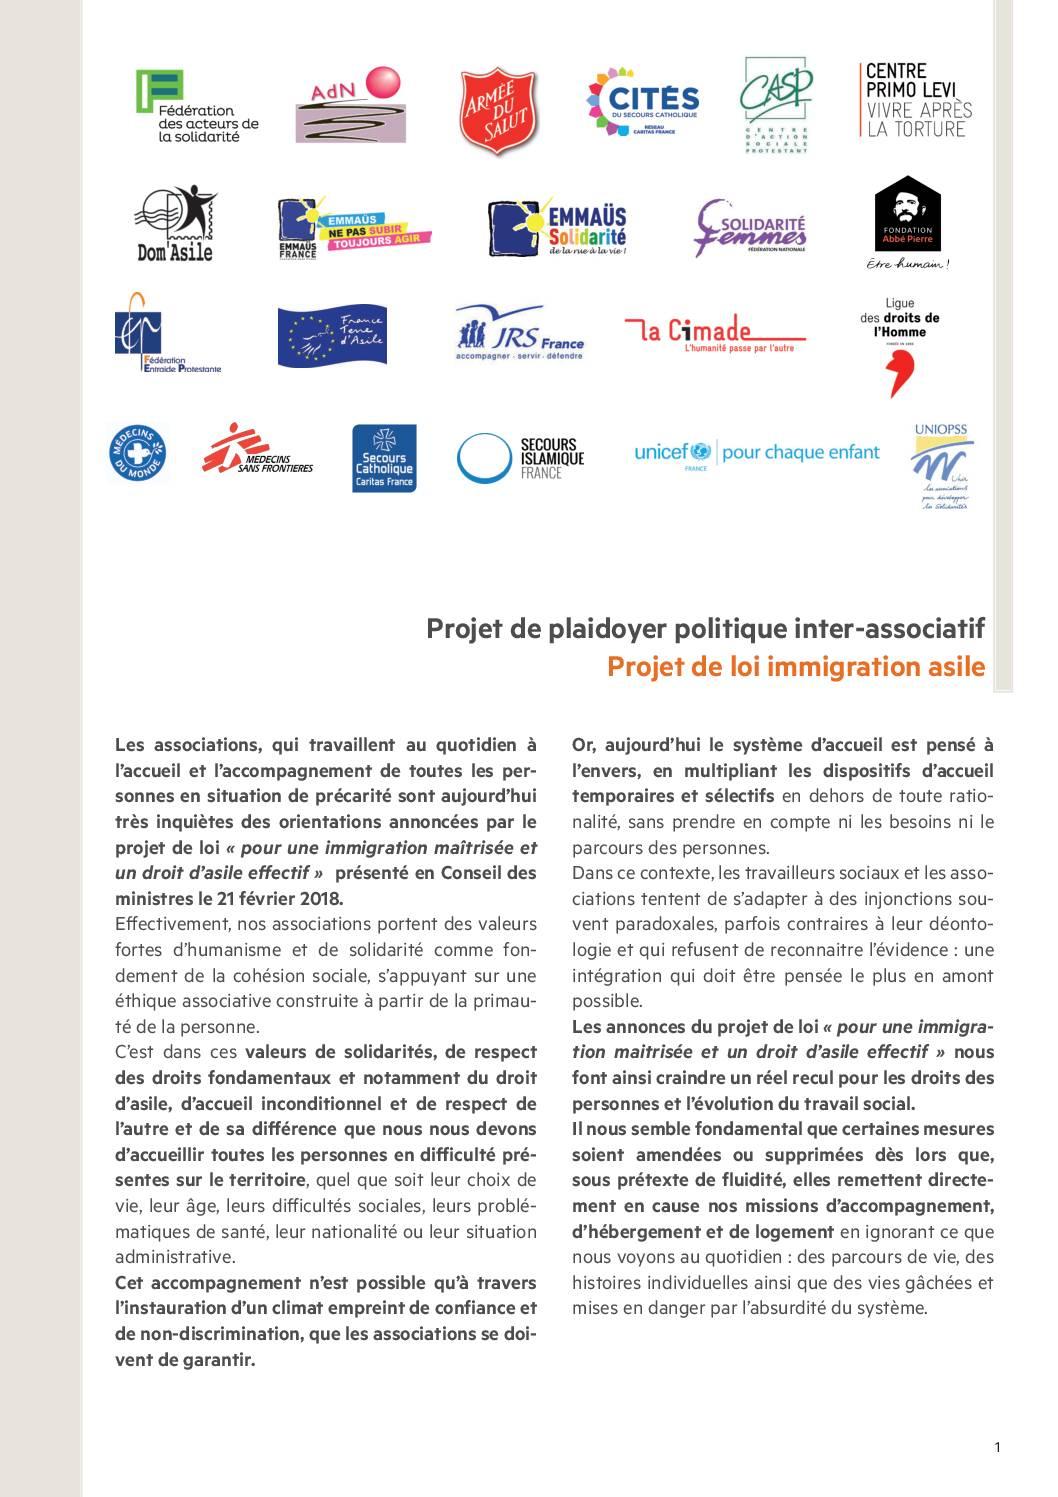 Projet de loi immigration asile : plaidoyer politique inter-associatif